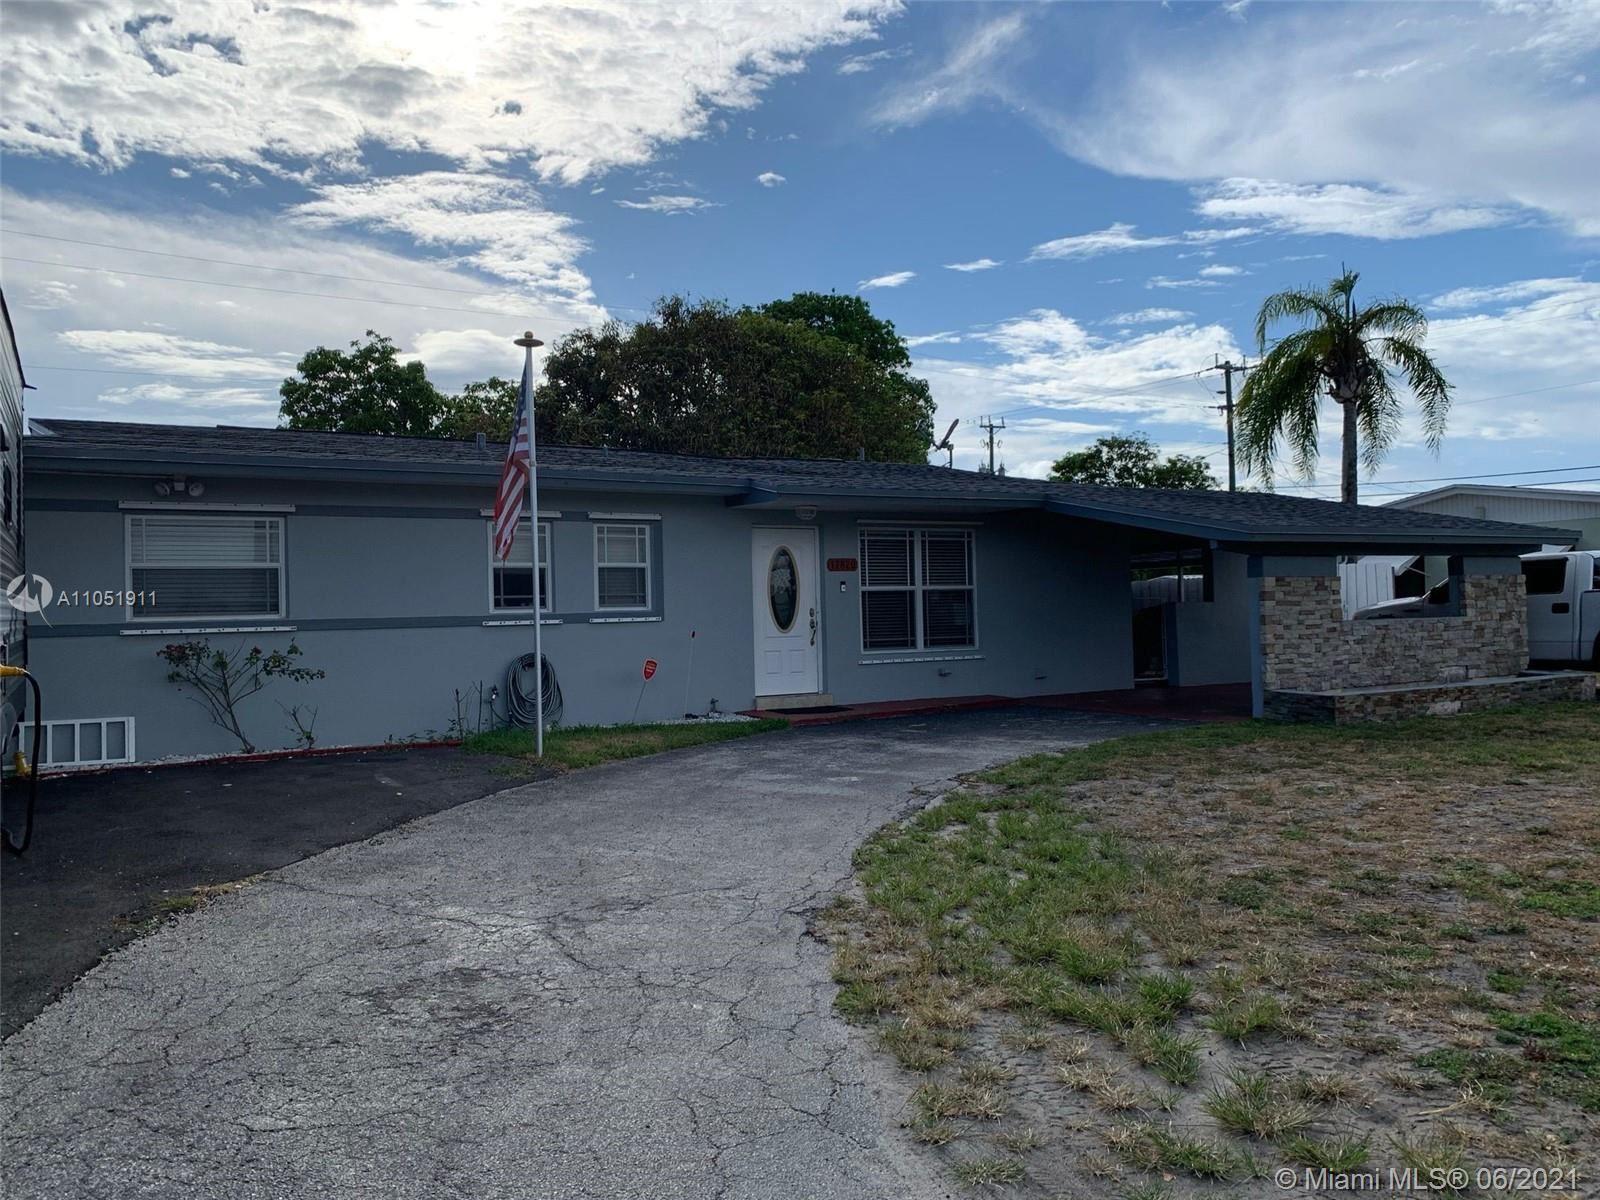 17820 NW 55TH Ct., Miami Gardens, FL 33055 - #: A11051911